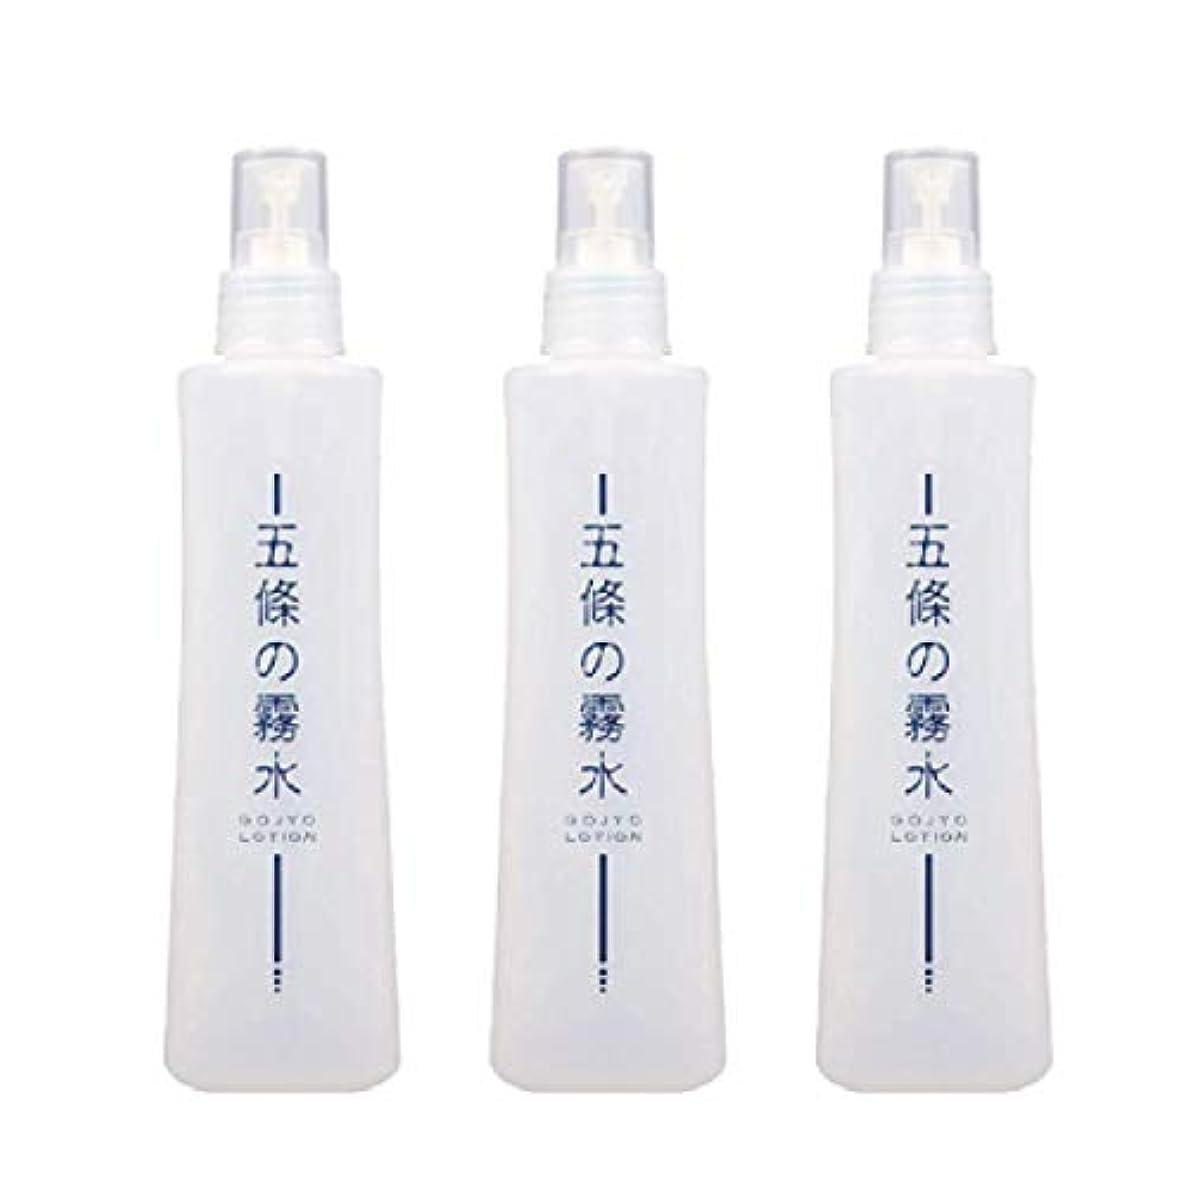 そうでなければ脱臼するメタルライン五條の霧水ベーシック(3本セット) +アレッポの石鹸1個プレゼント 無添加保湿化粧水